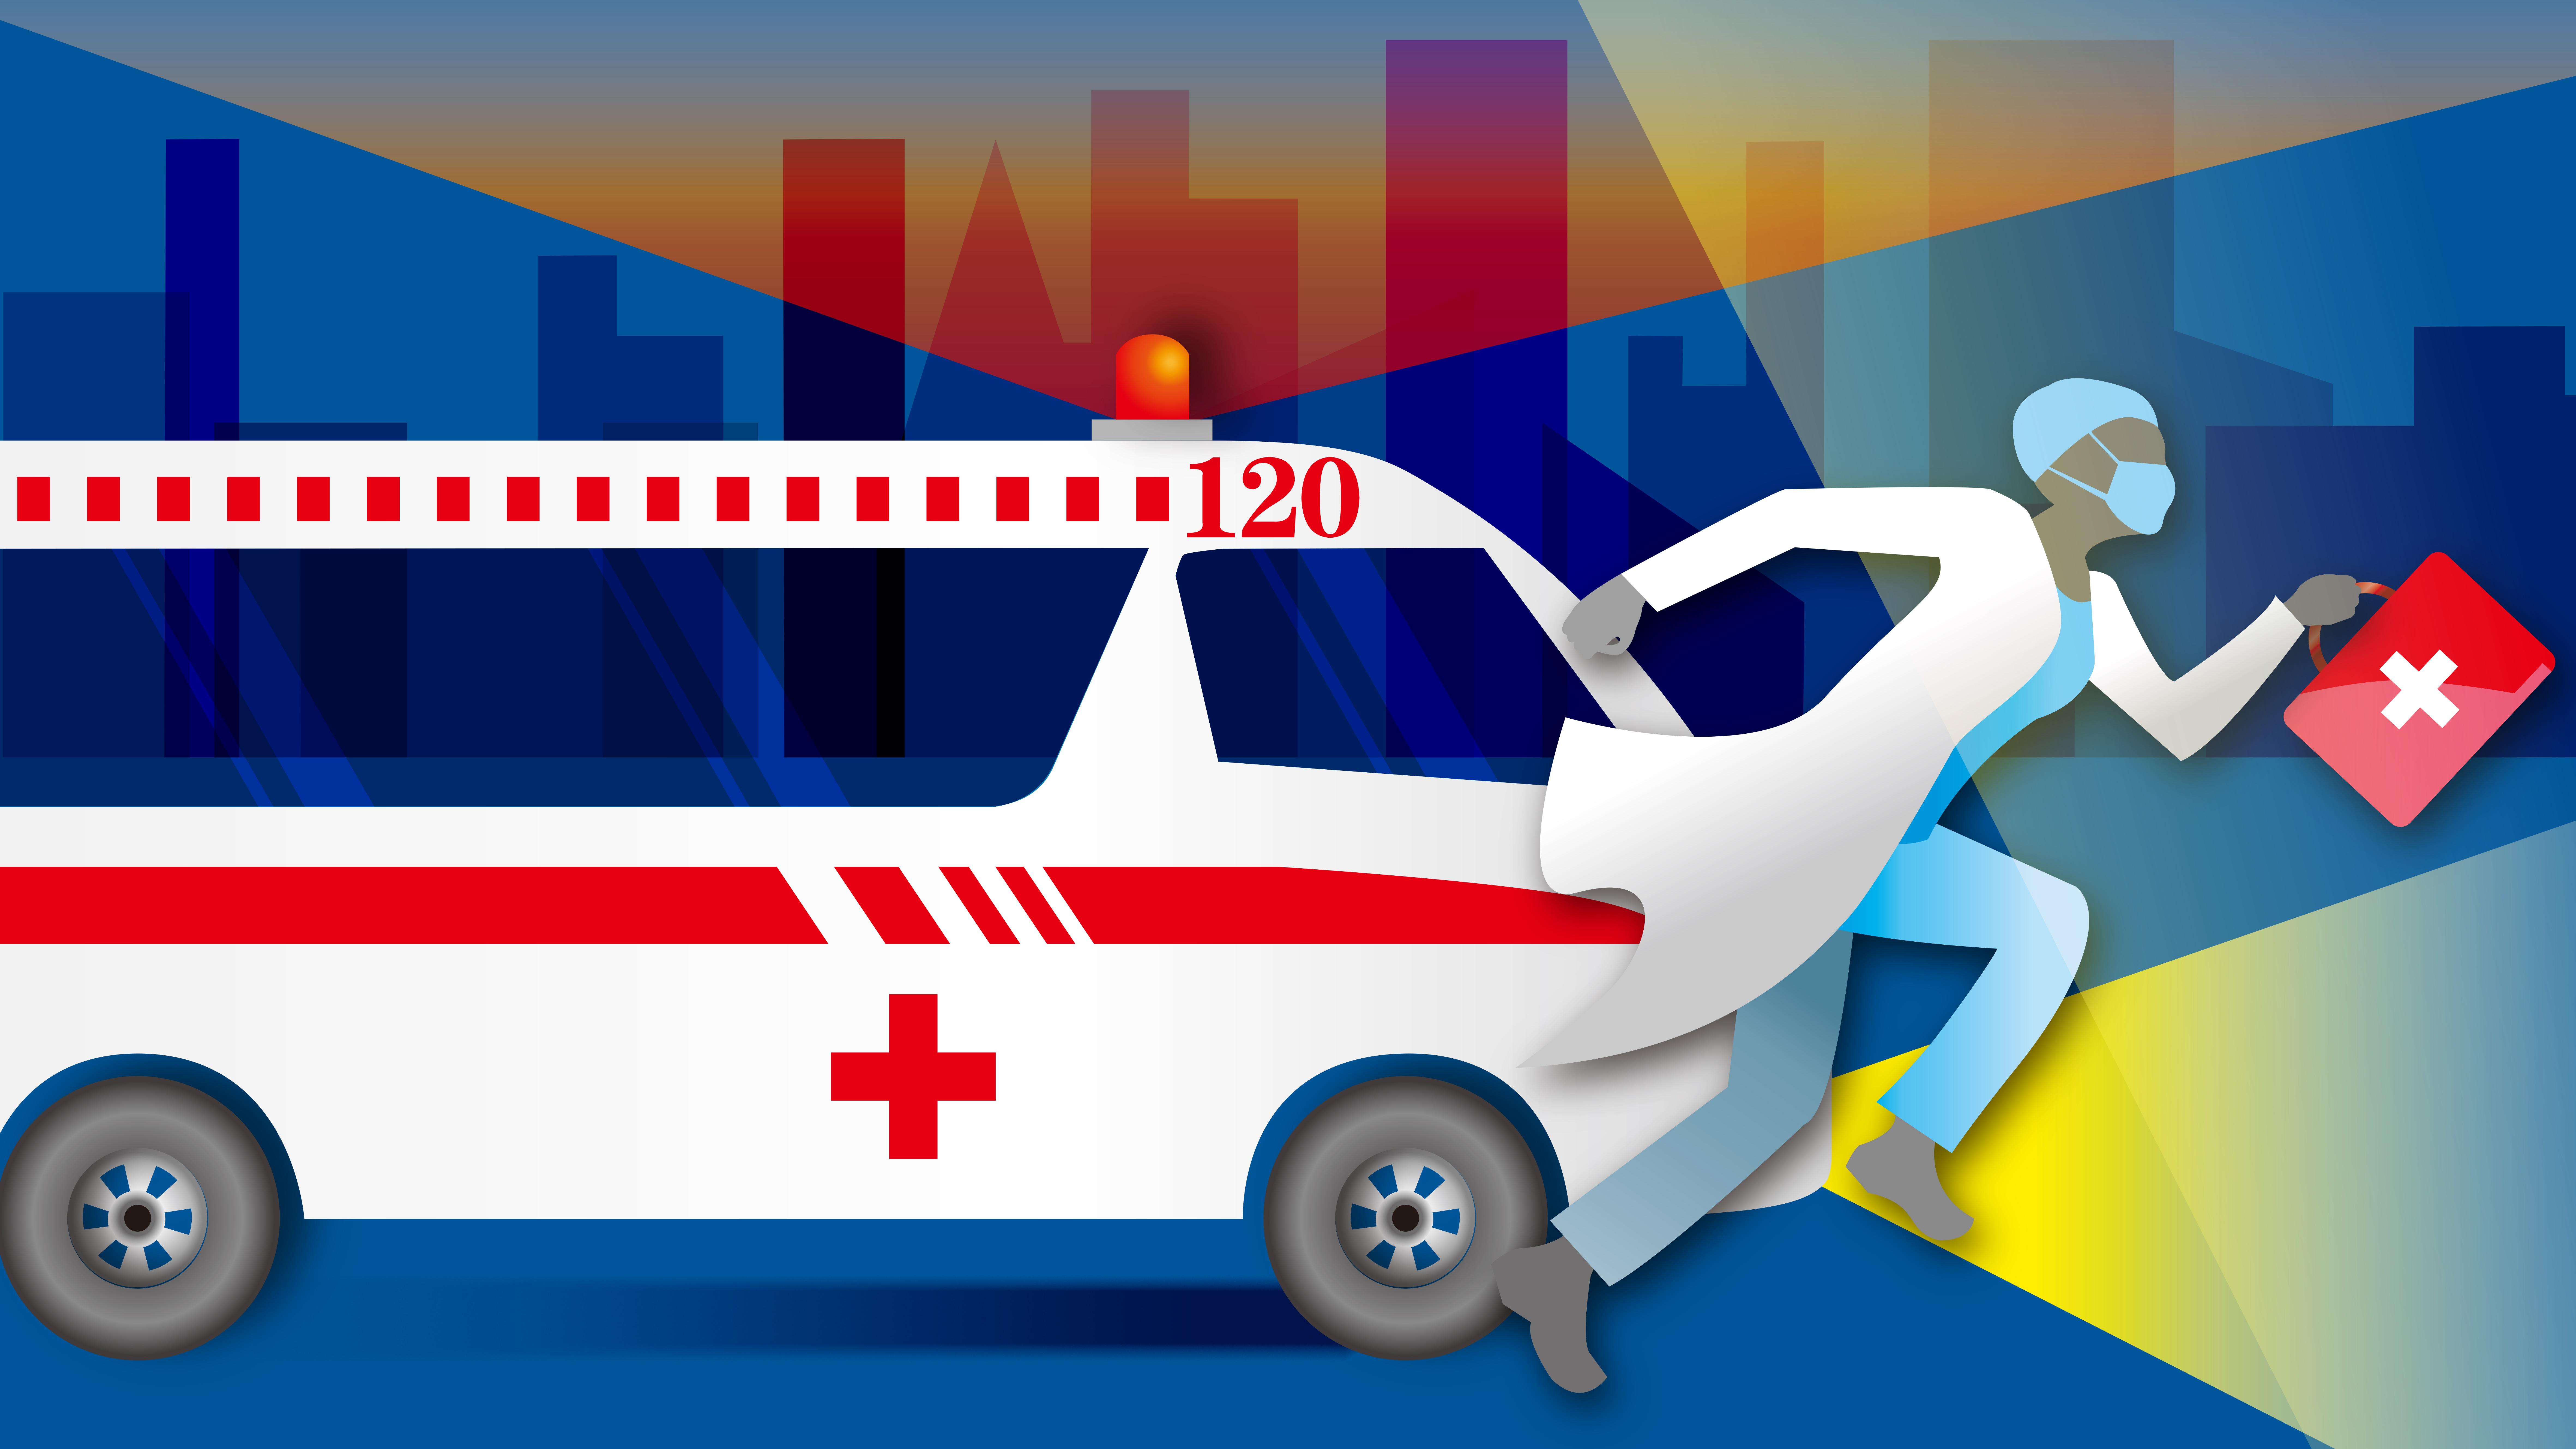 救護車冷知識:車頭標識為啥反著寫?圖片